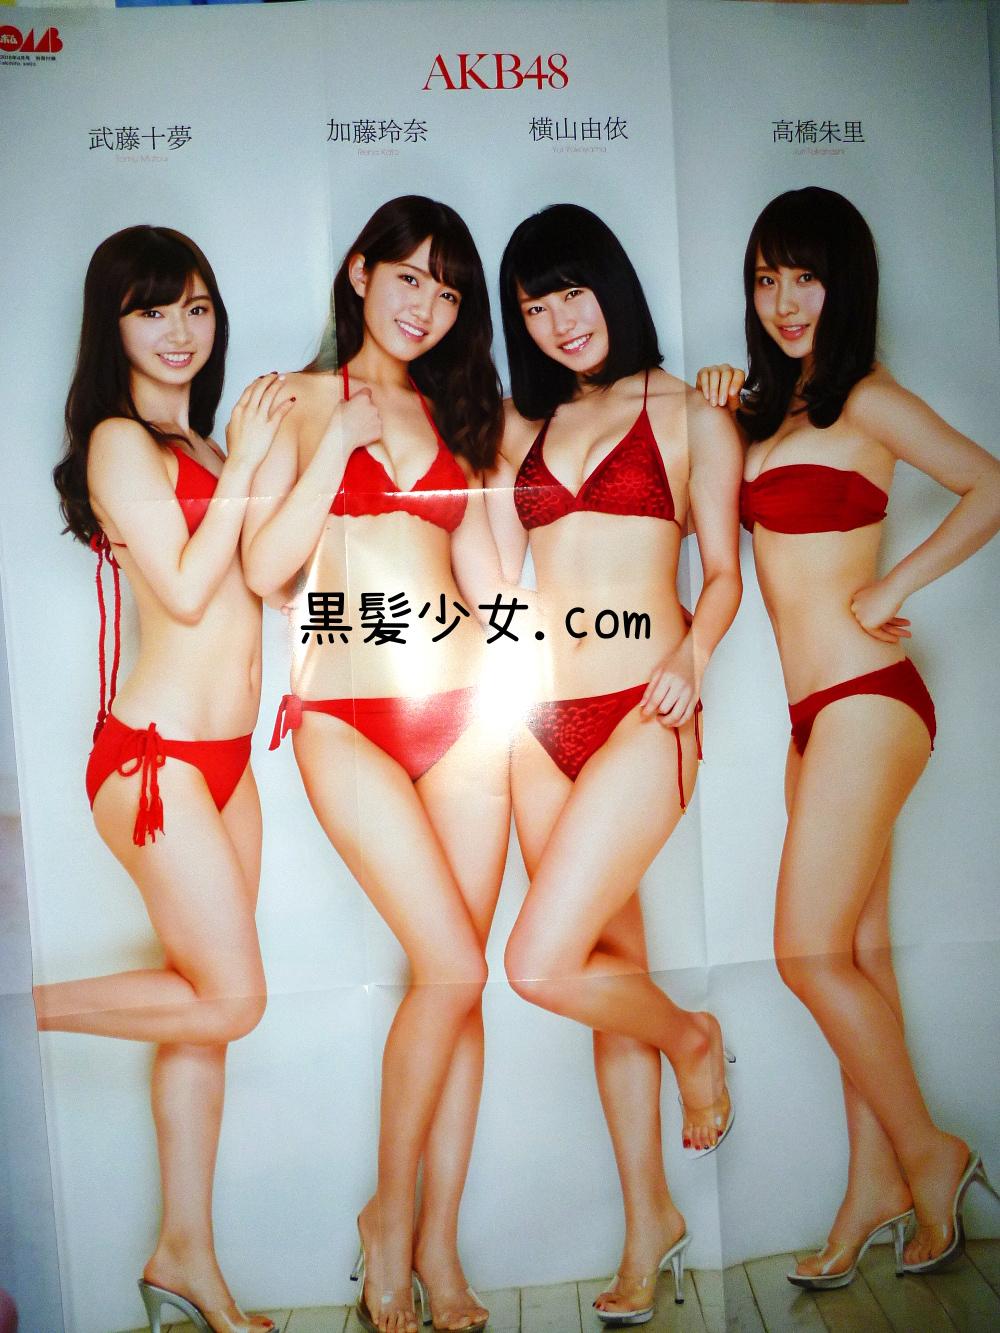 [感想] 加藤玲奈の表紙が良い BOMB2016年4月号 AKB48水着グラビア掲載 (3)